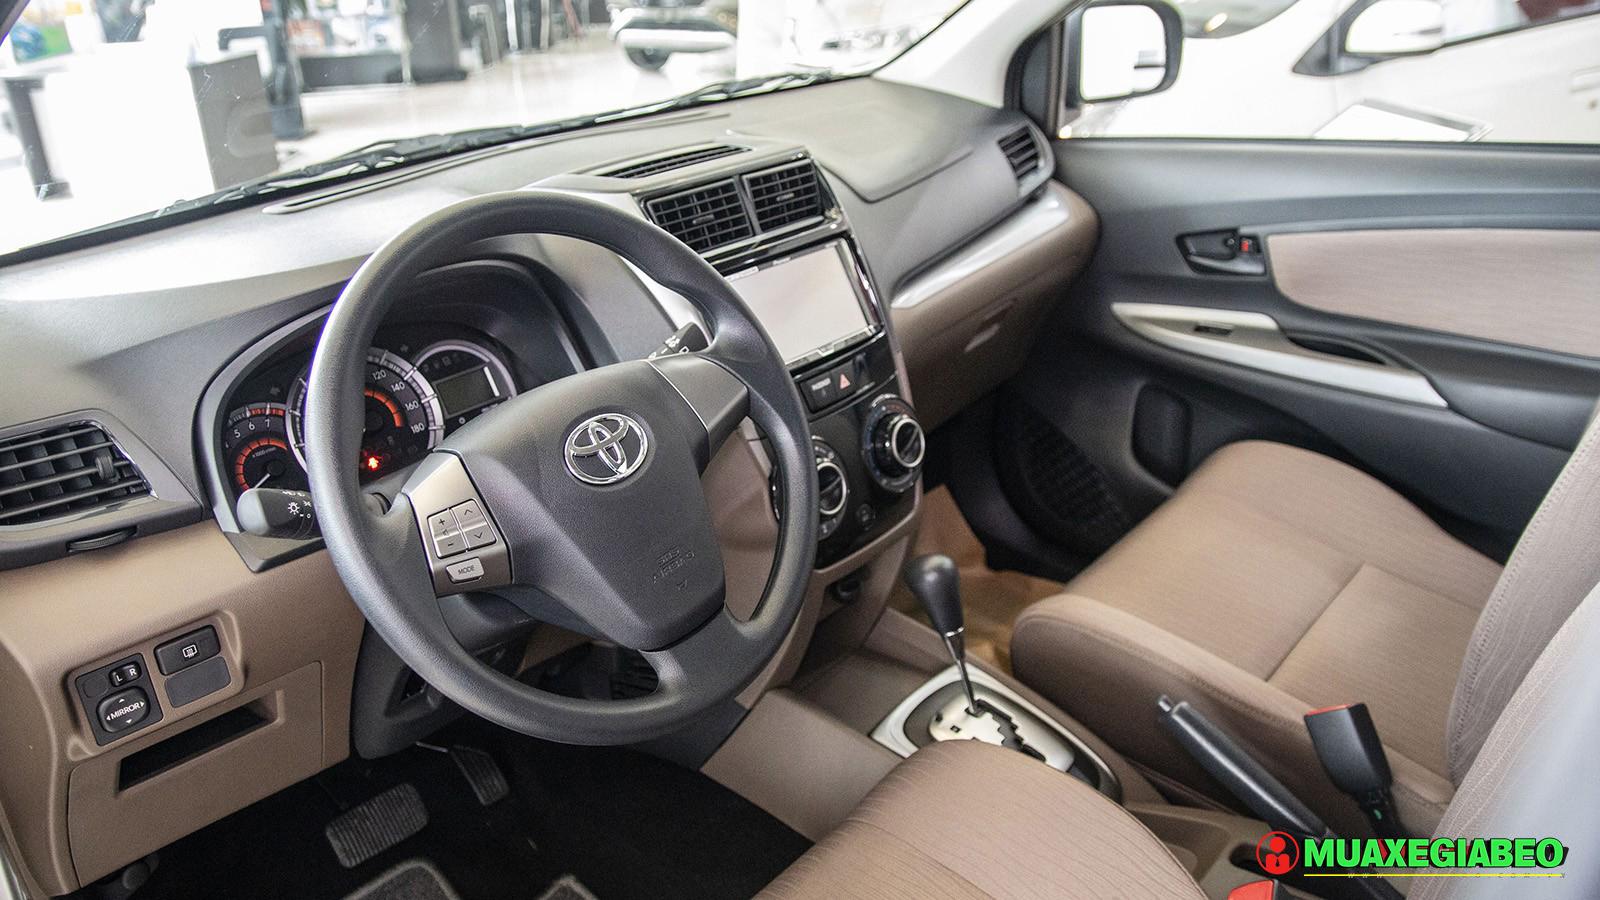 Đánh giá xe Toyota Avanza ảnh 24 - Toyota Avanza: thông số và giá xe tháng [hienthithang]